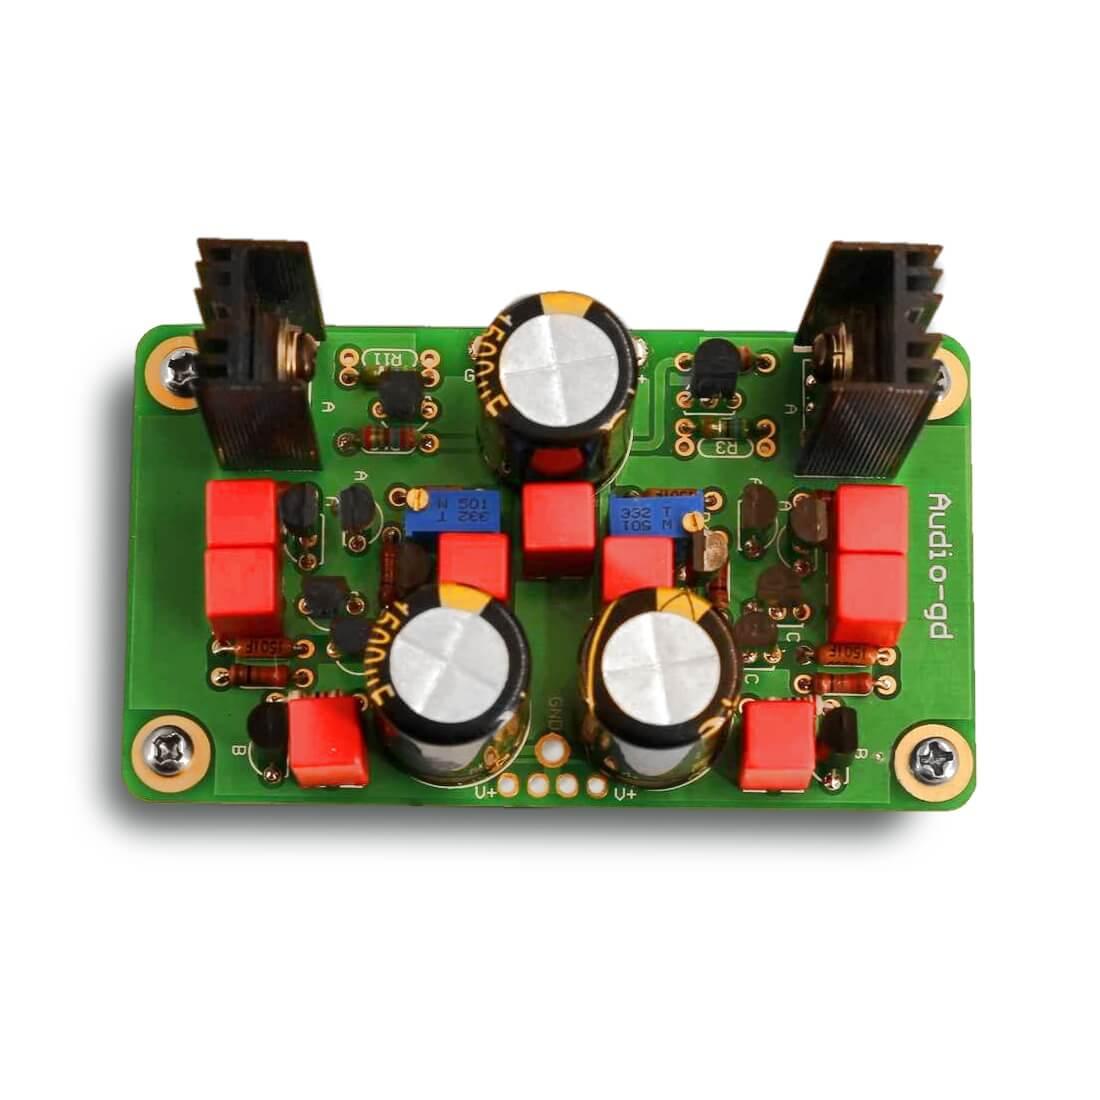 AUDIO-GD PSU-2019 Module alimentation linéaire régulée class A 3V3